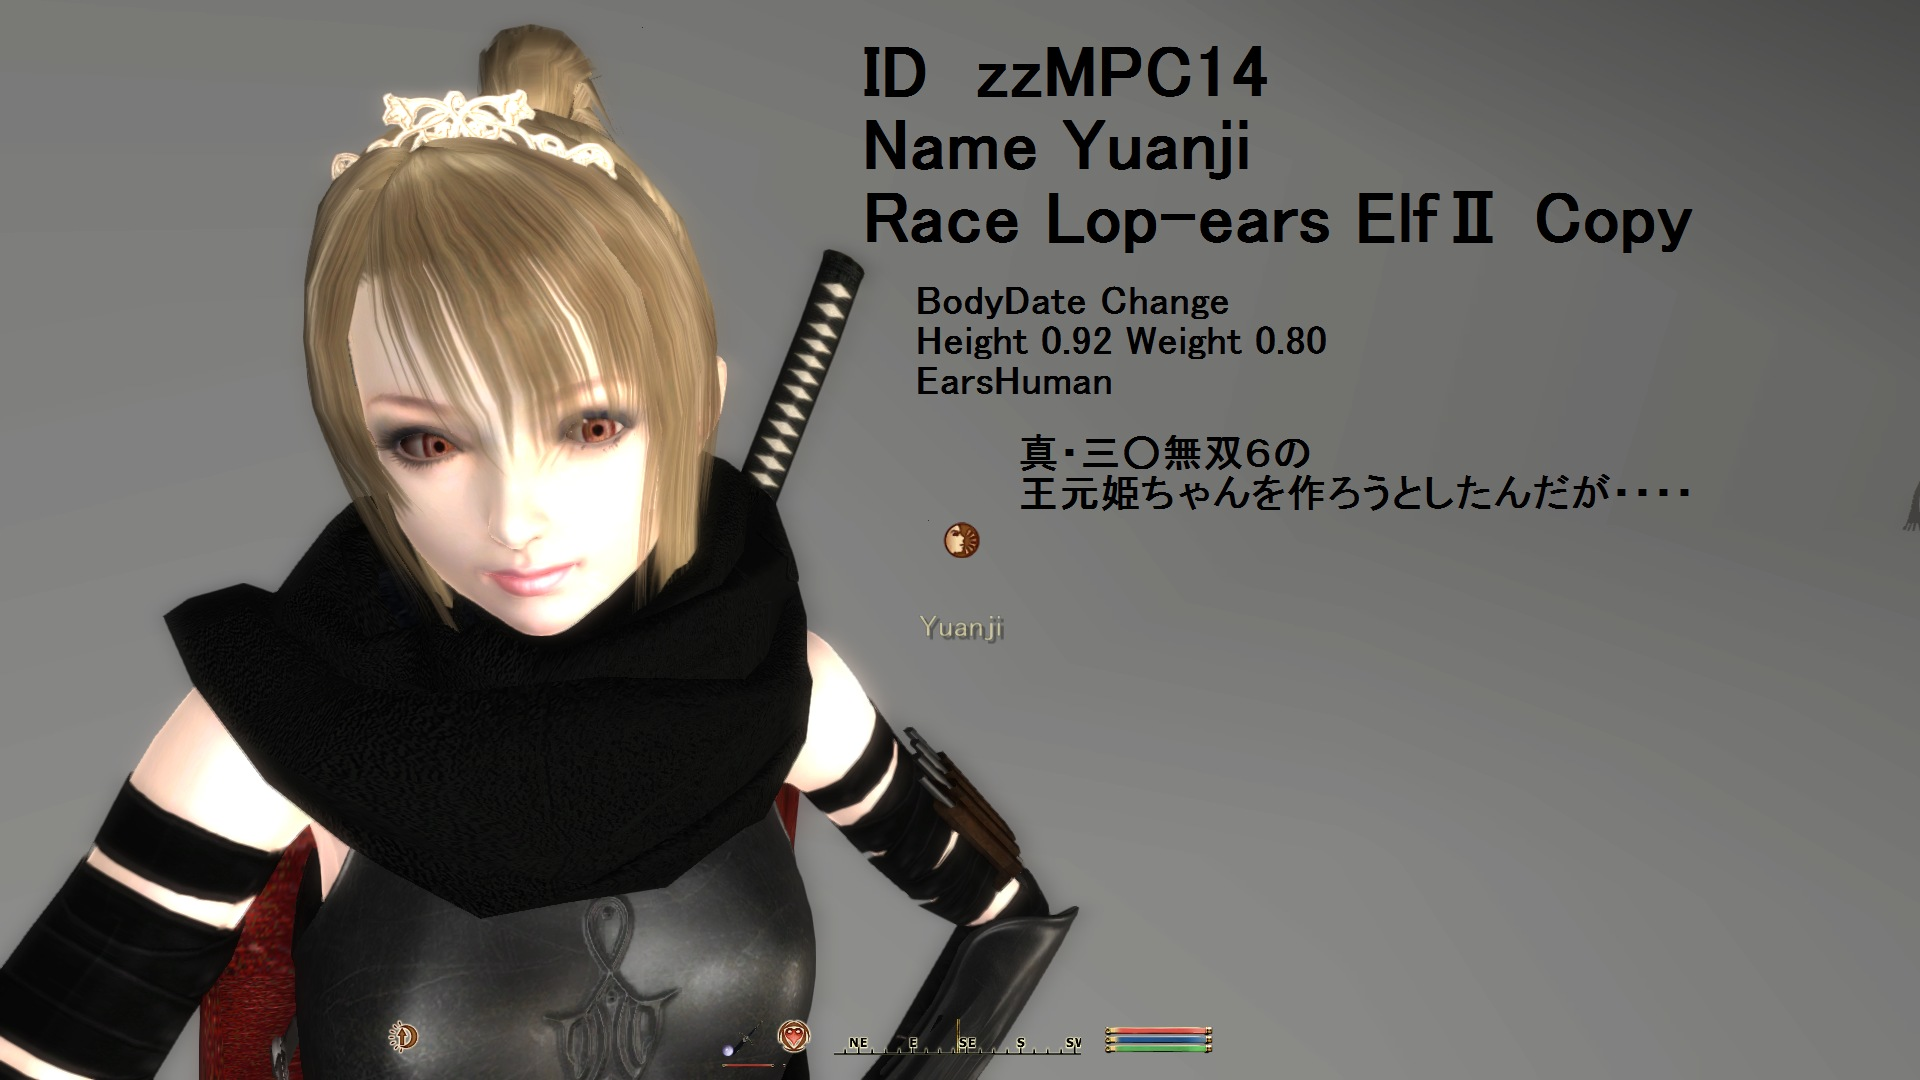 zzMPC14.jpg